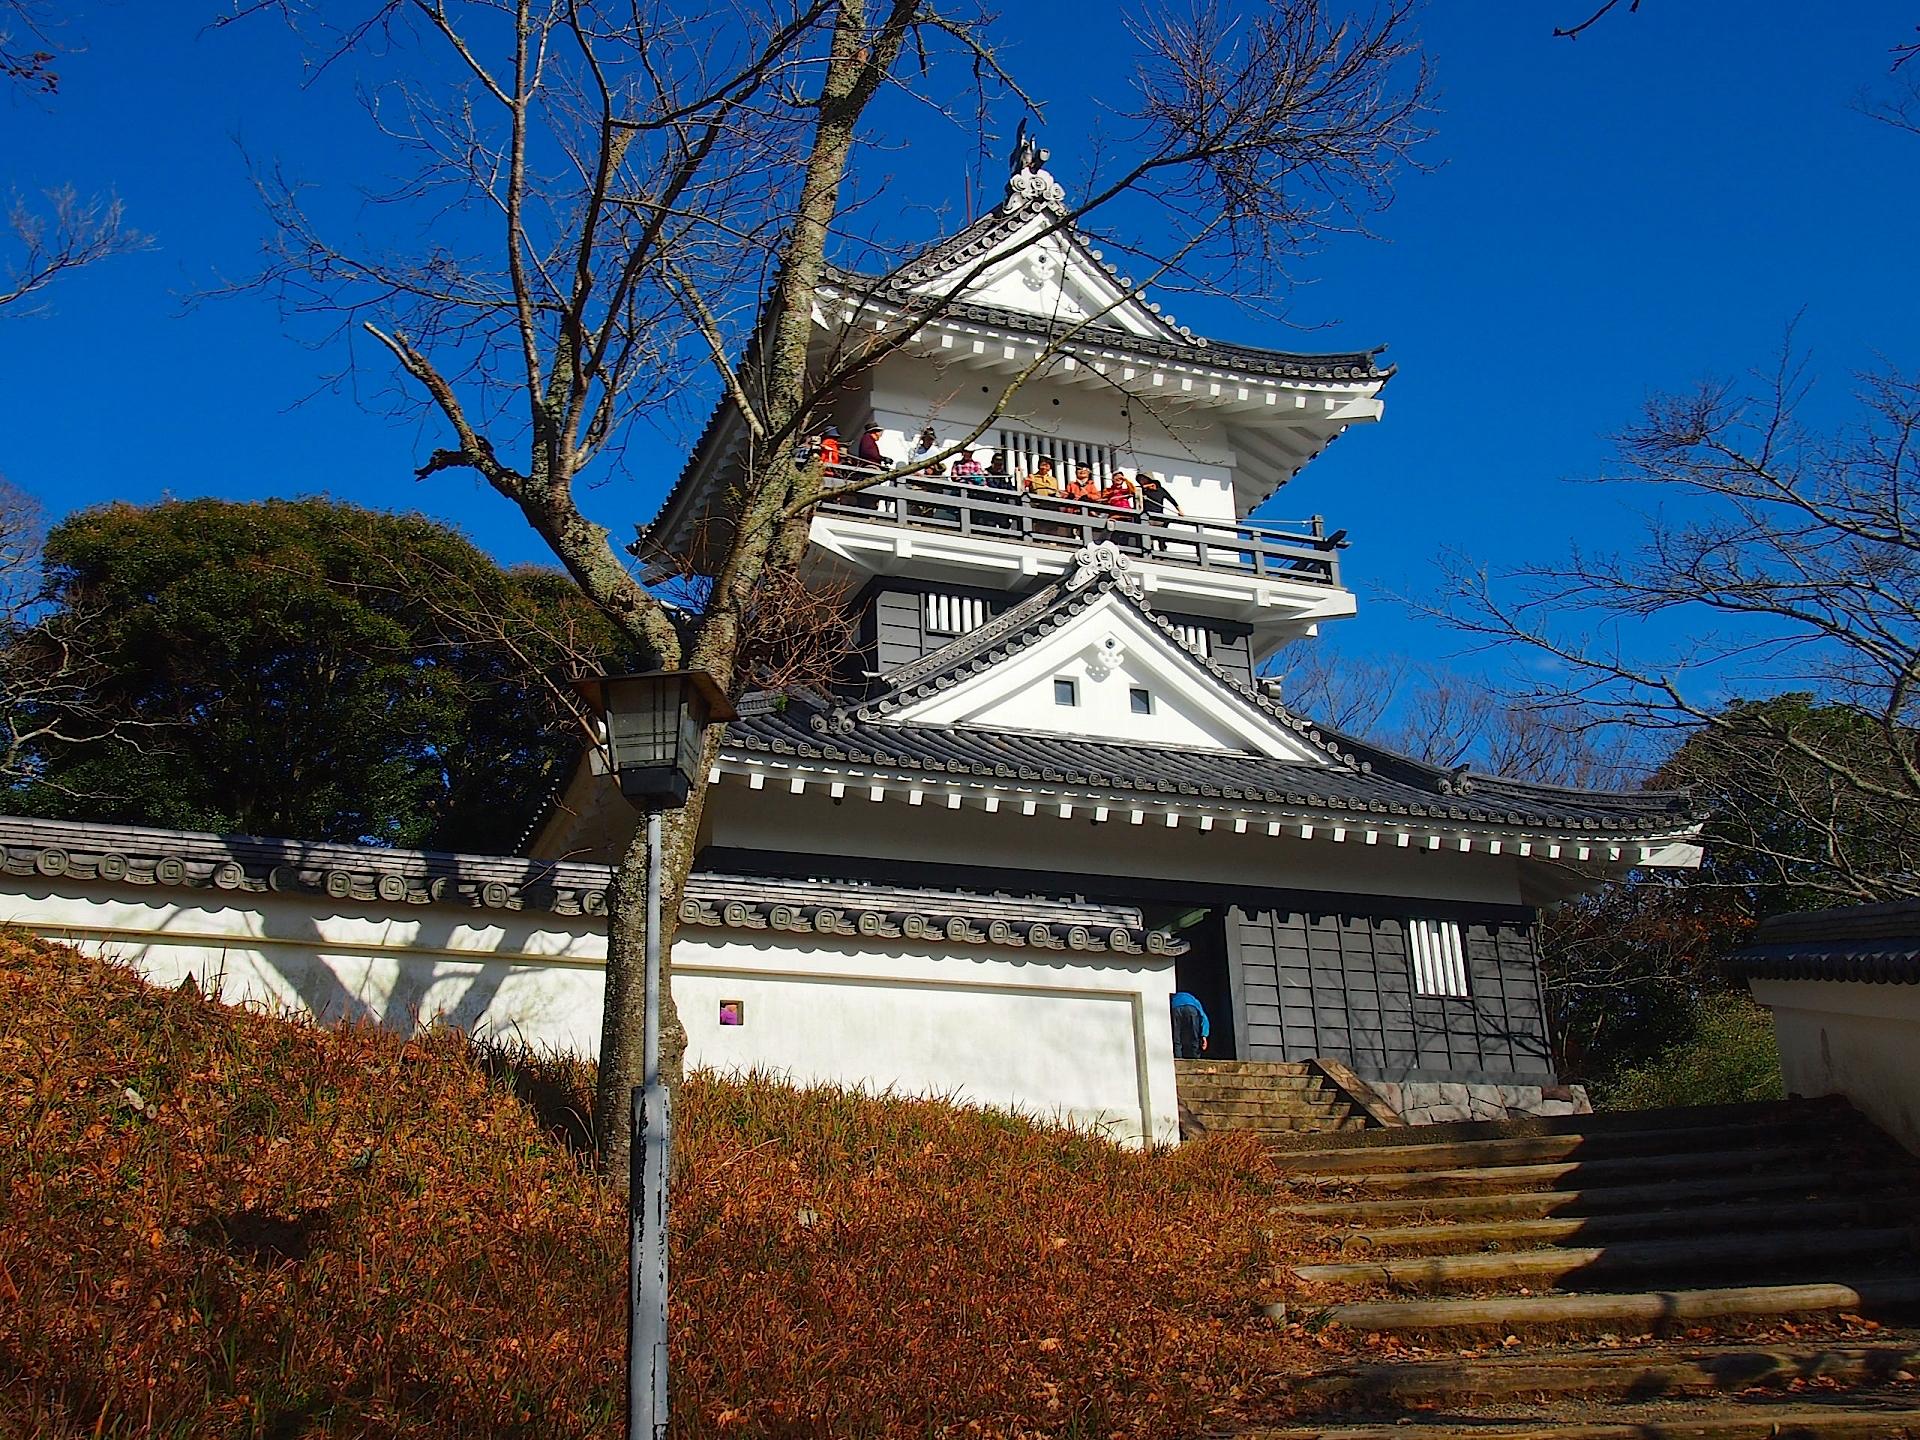 久留里城本丸の建つ模擬天守は浜松城がモデル